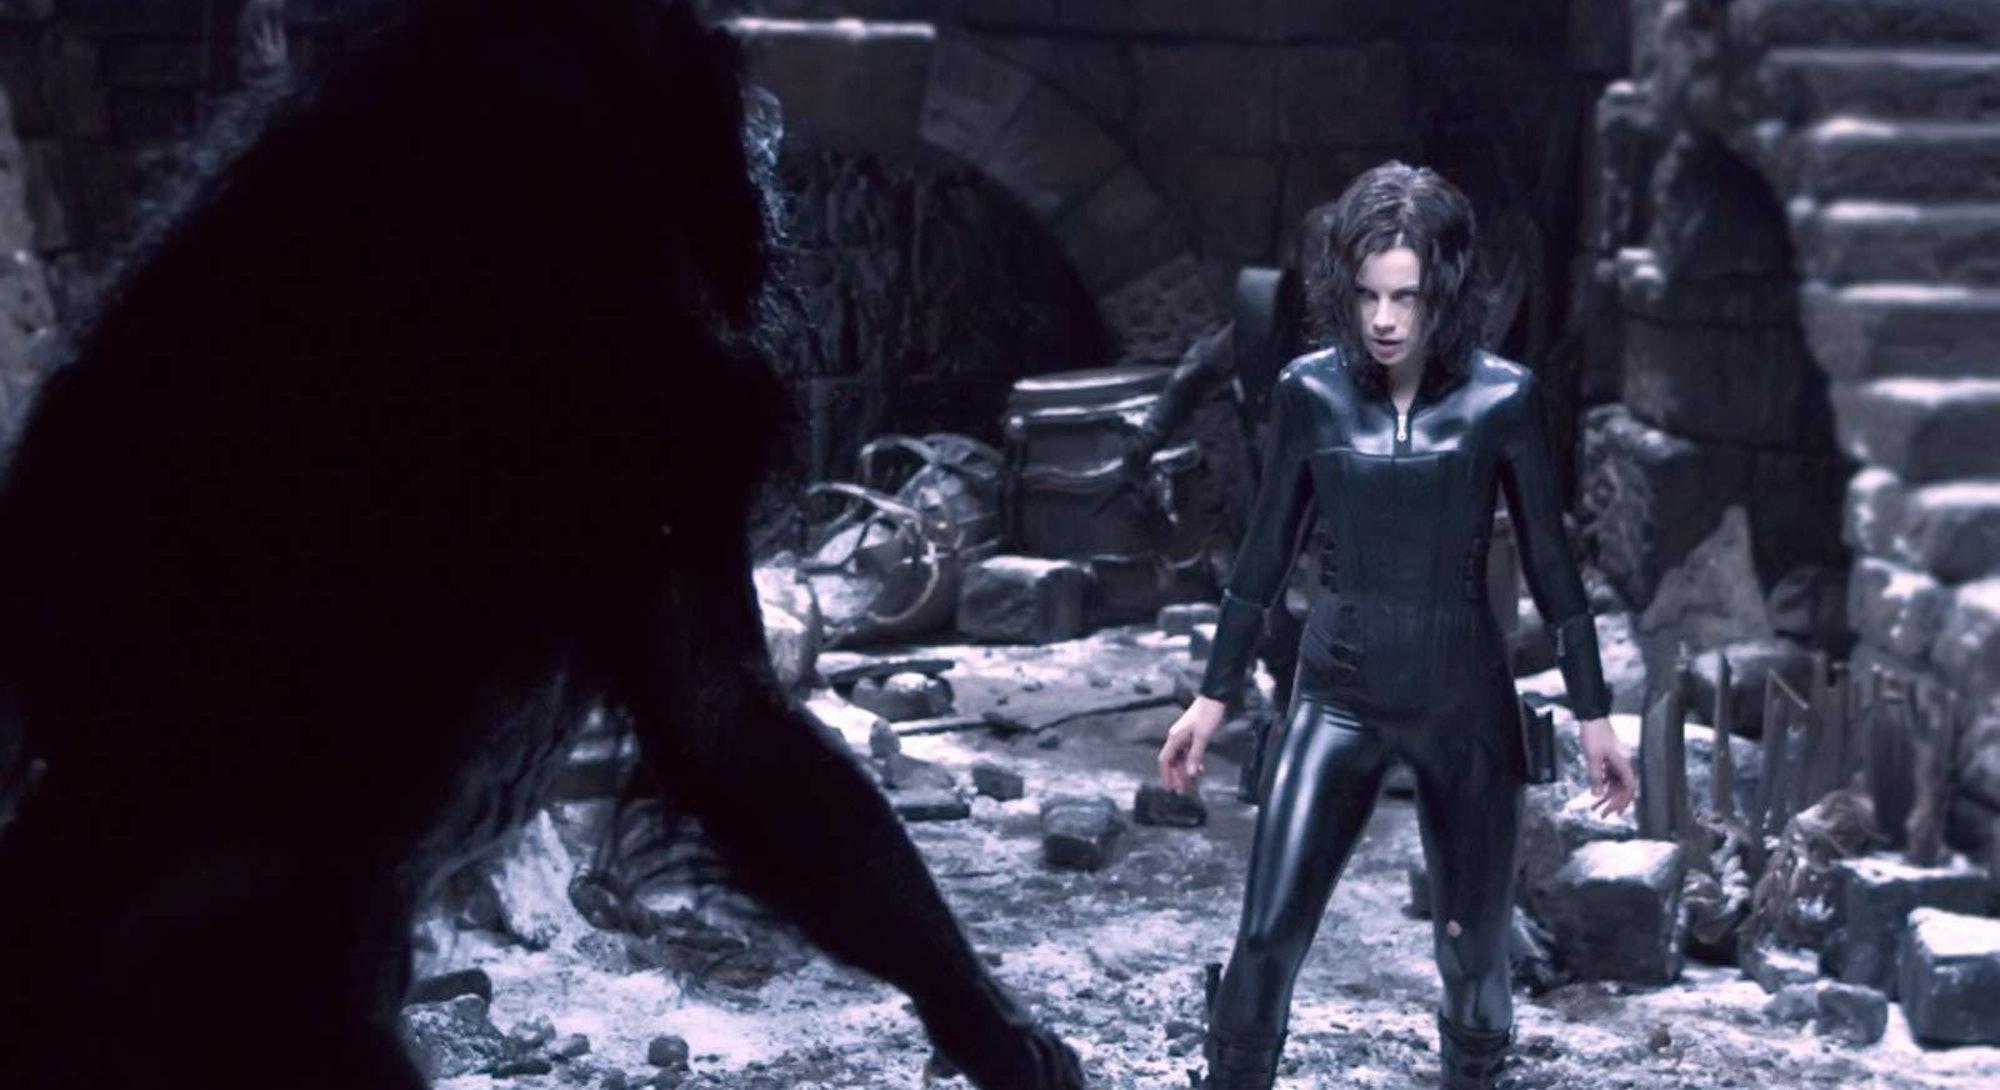 kate beckinsale fighting werewolf in underworld evolution